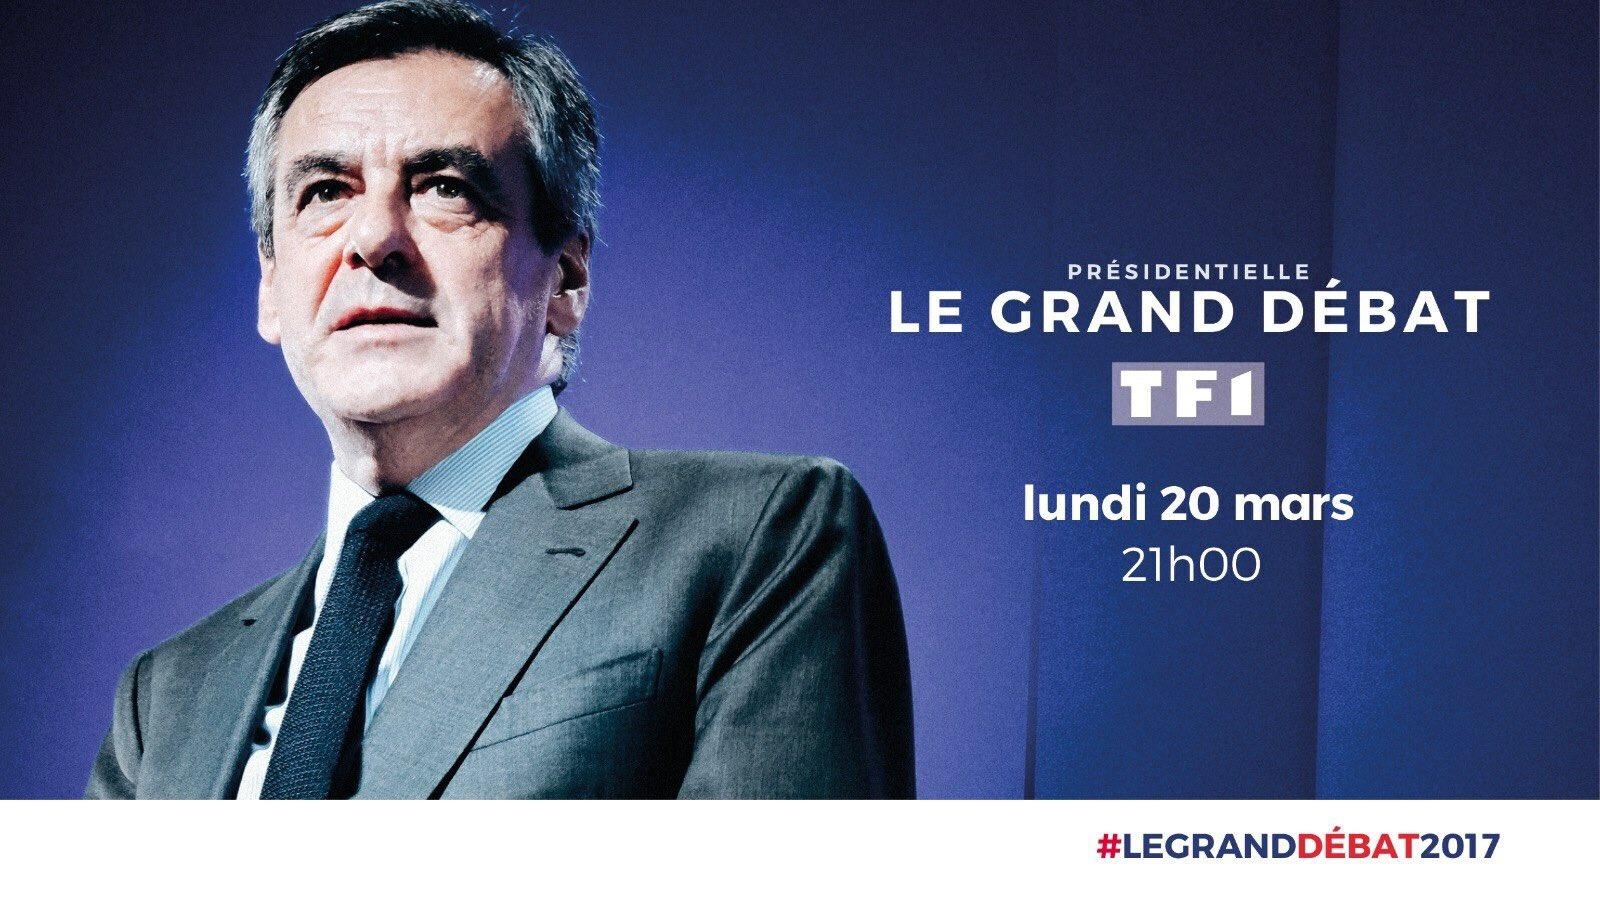 #LeGrandDebat : tous avec @FrancoisFillon ce soir ! #MomentDeVerite #Fillon2017 #JeVoteFillon #FillonPresident. https://t.co/LaQM0COyew